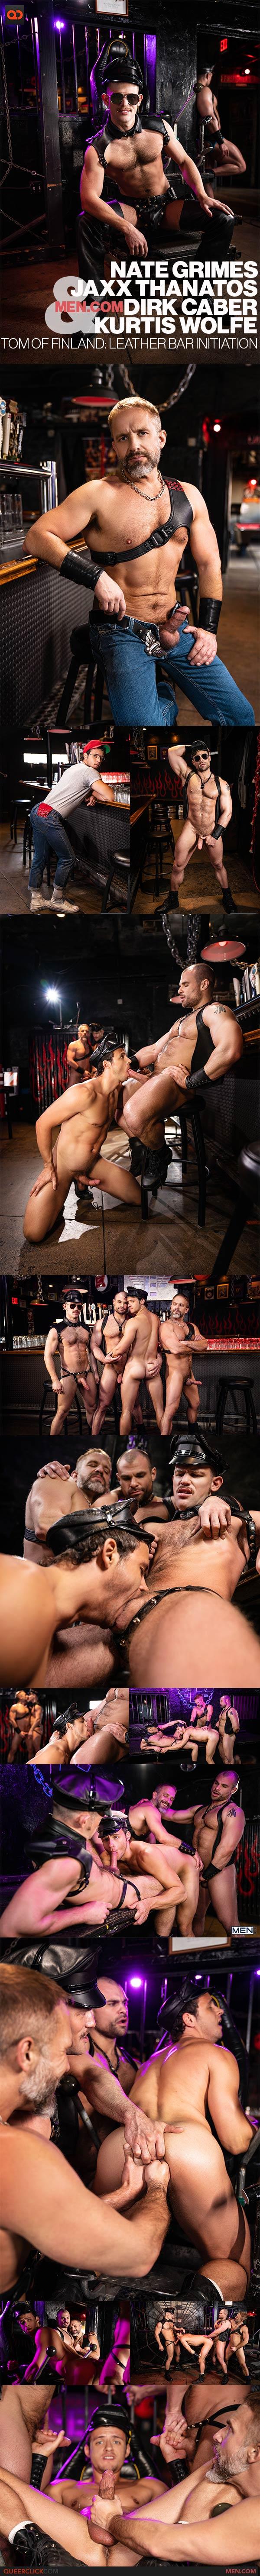 Men.com: Nate Grimes, Jaxx Thanatos, Dirk Caber and Kurtis Wolfe